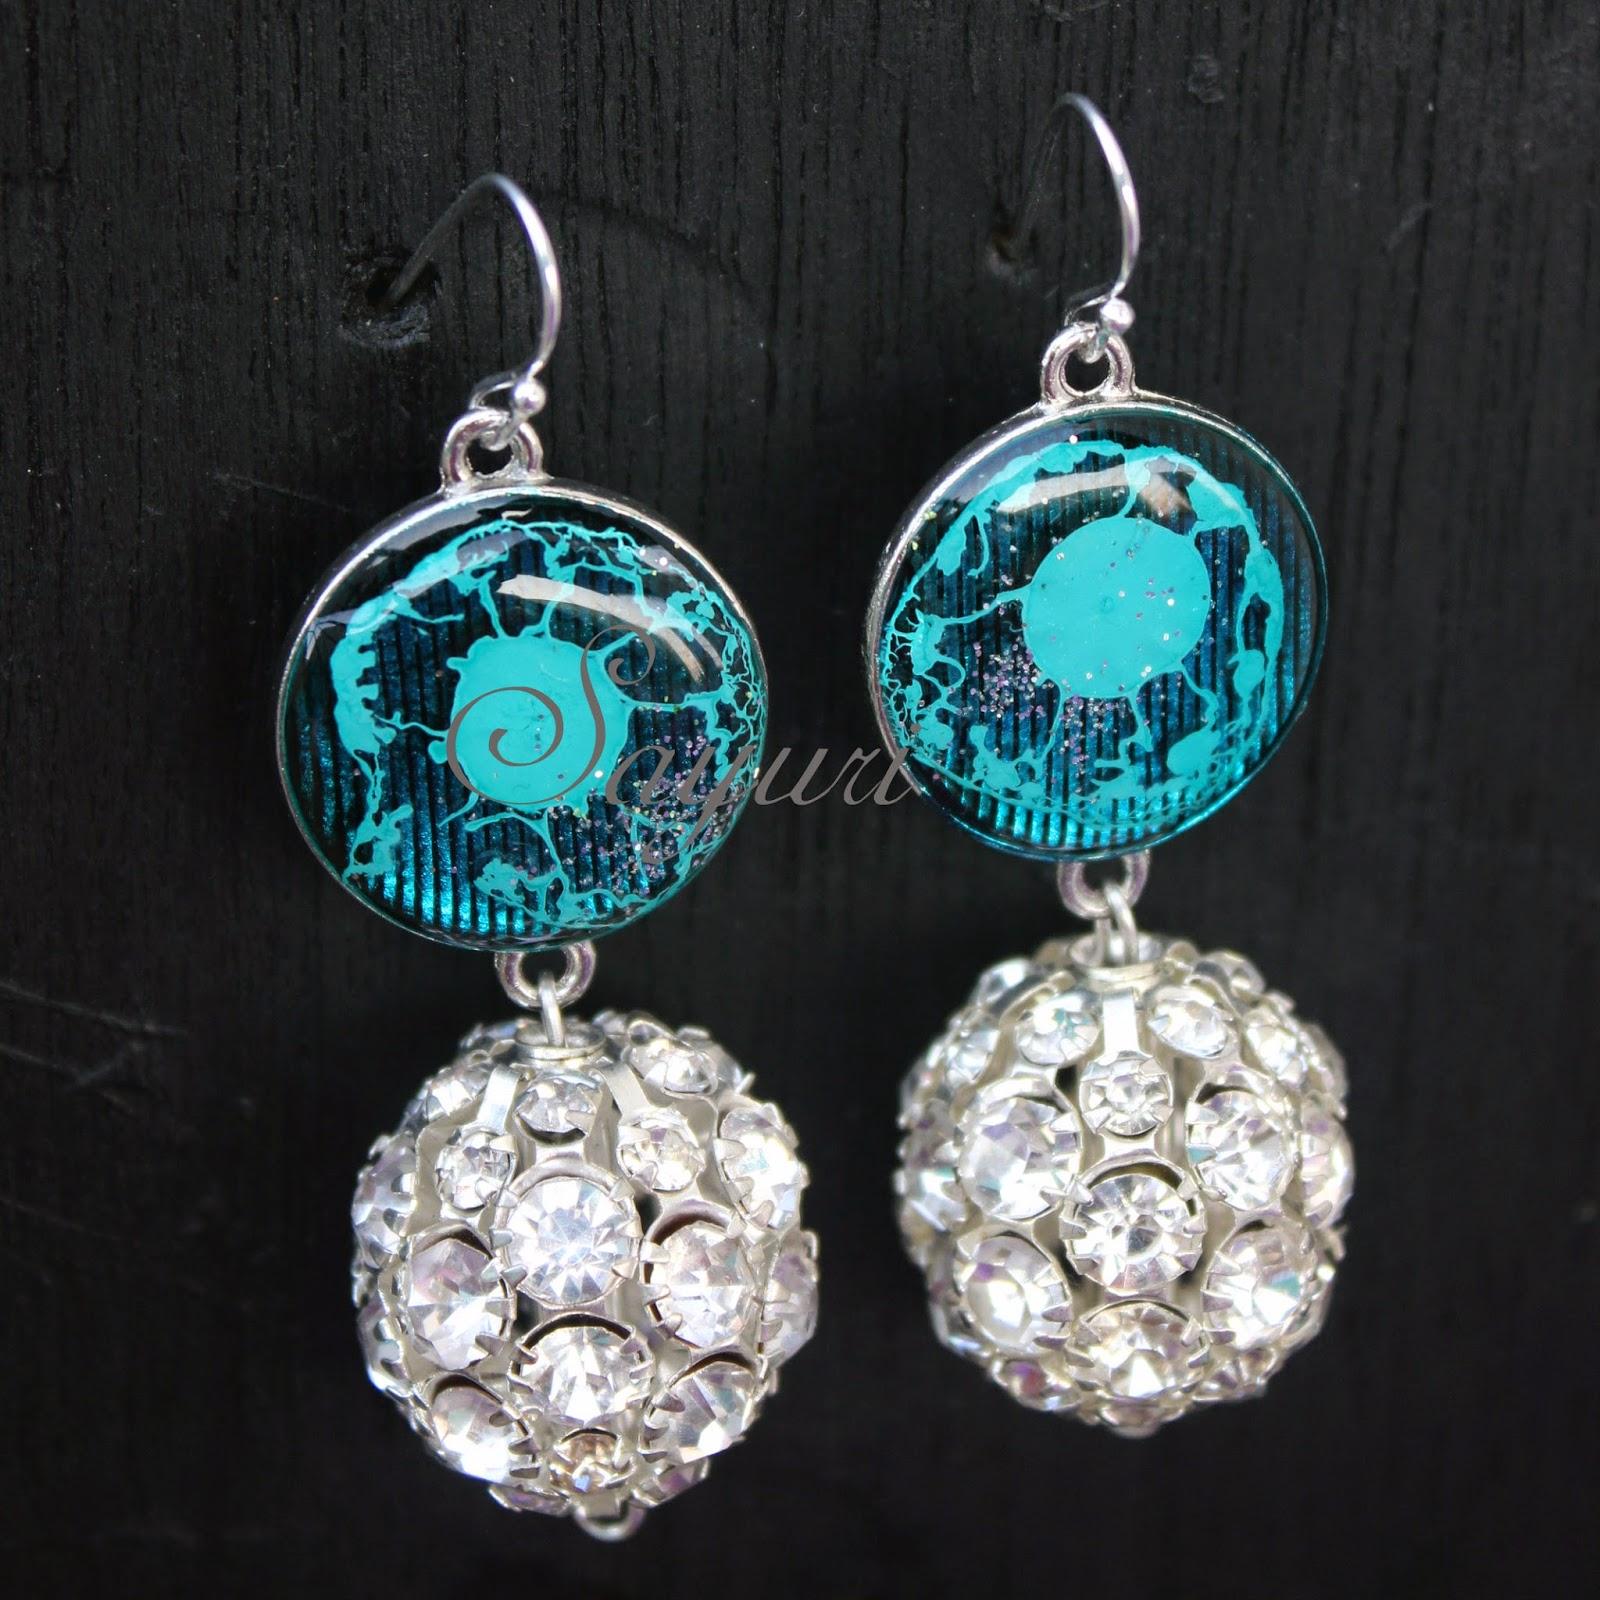 resin rhinestone earrings